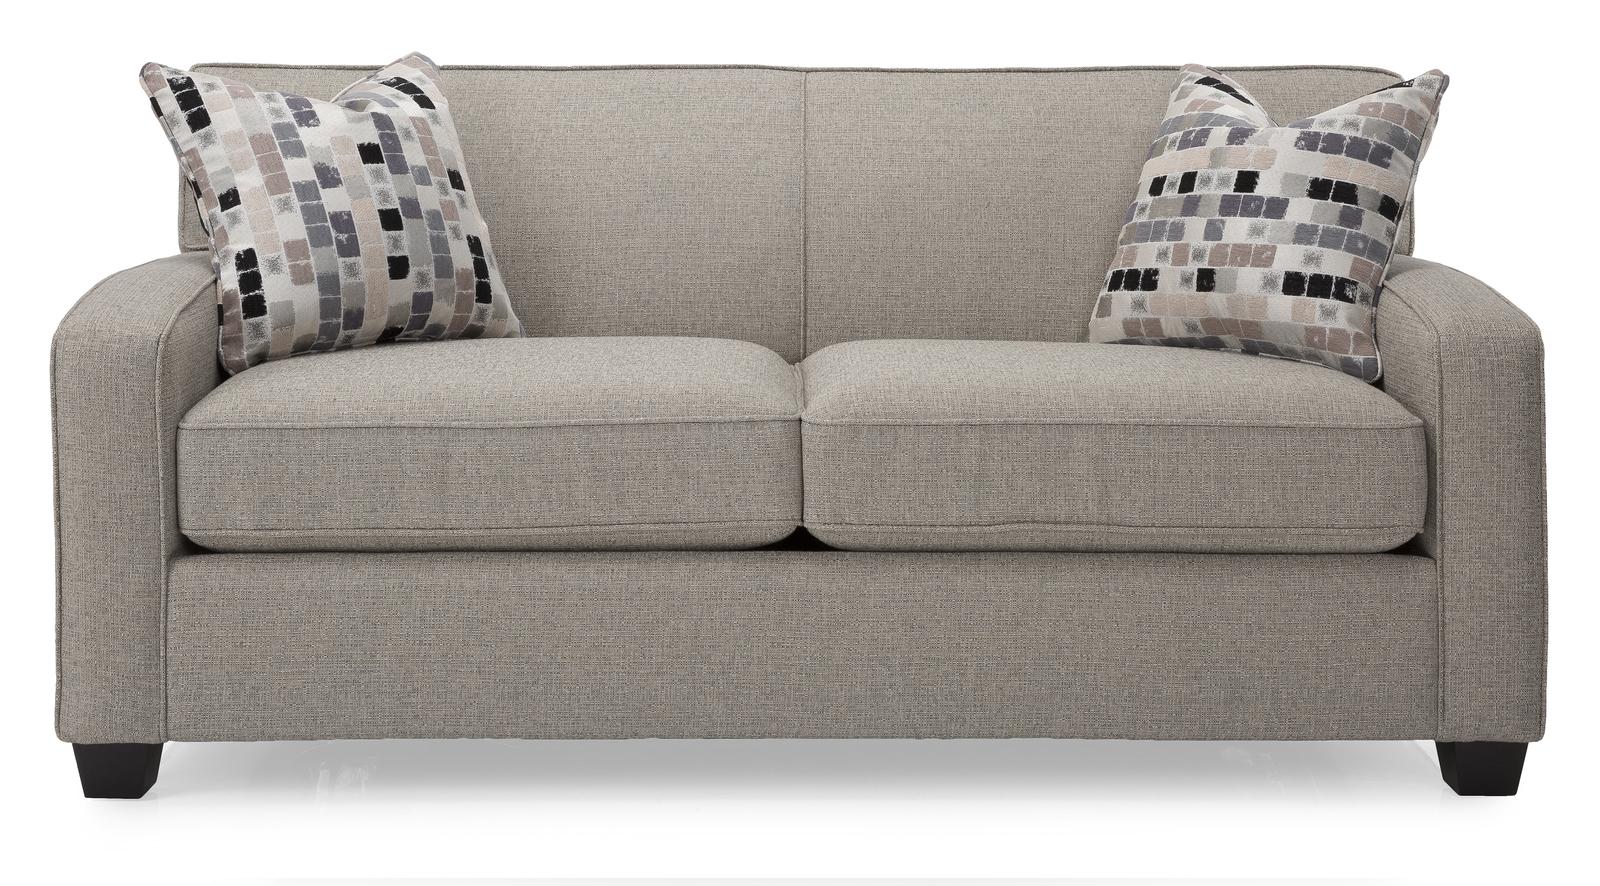 2401 Queen Sofa Bed Sleeper